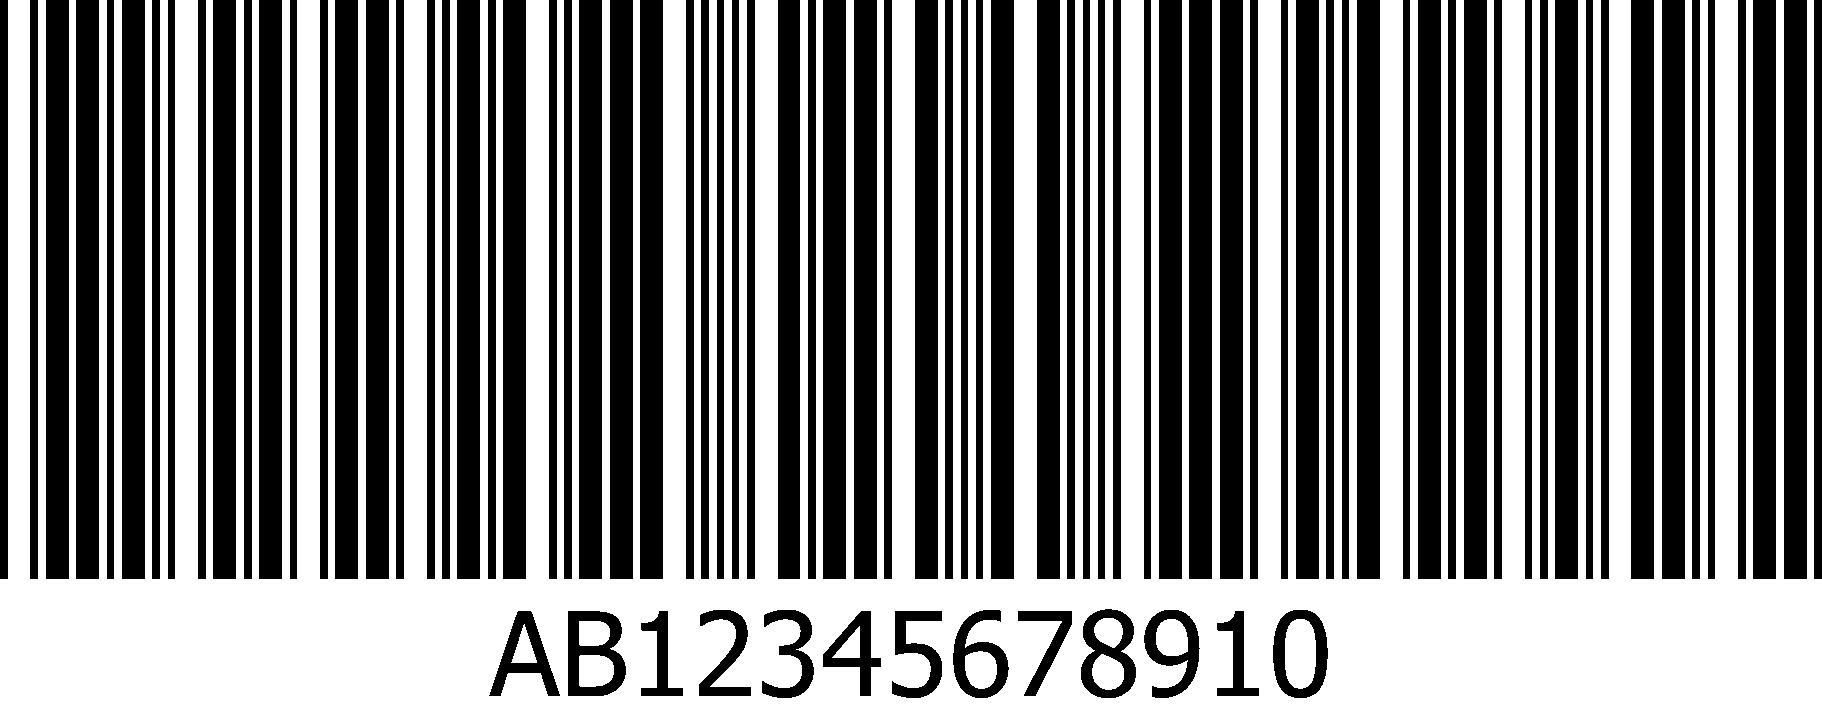 Códigos De Barras, Presente En Toda La Cadena De